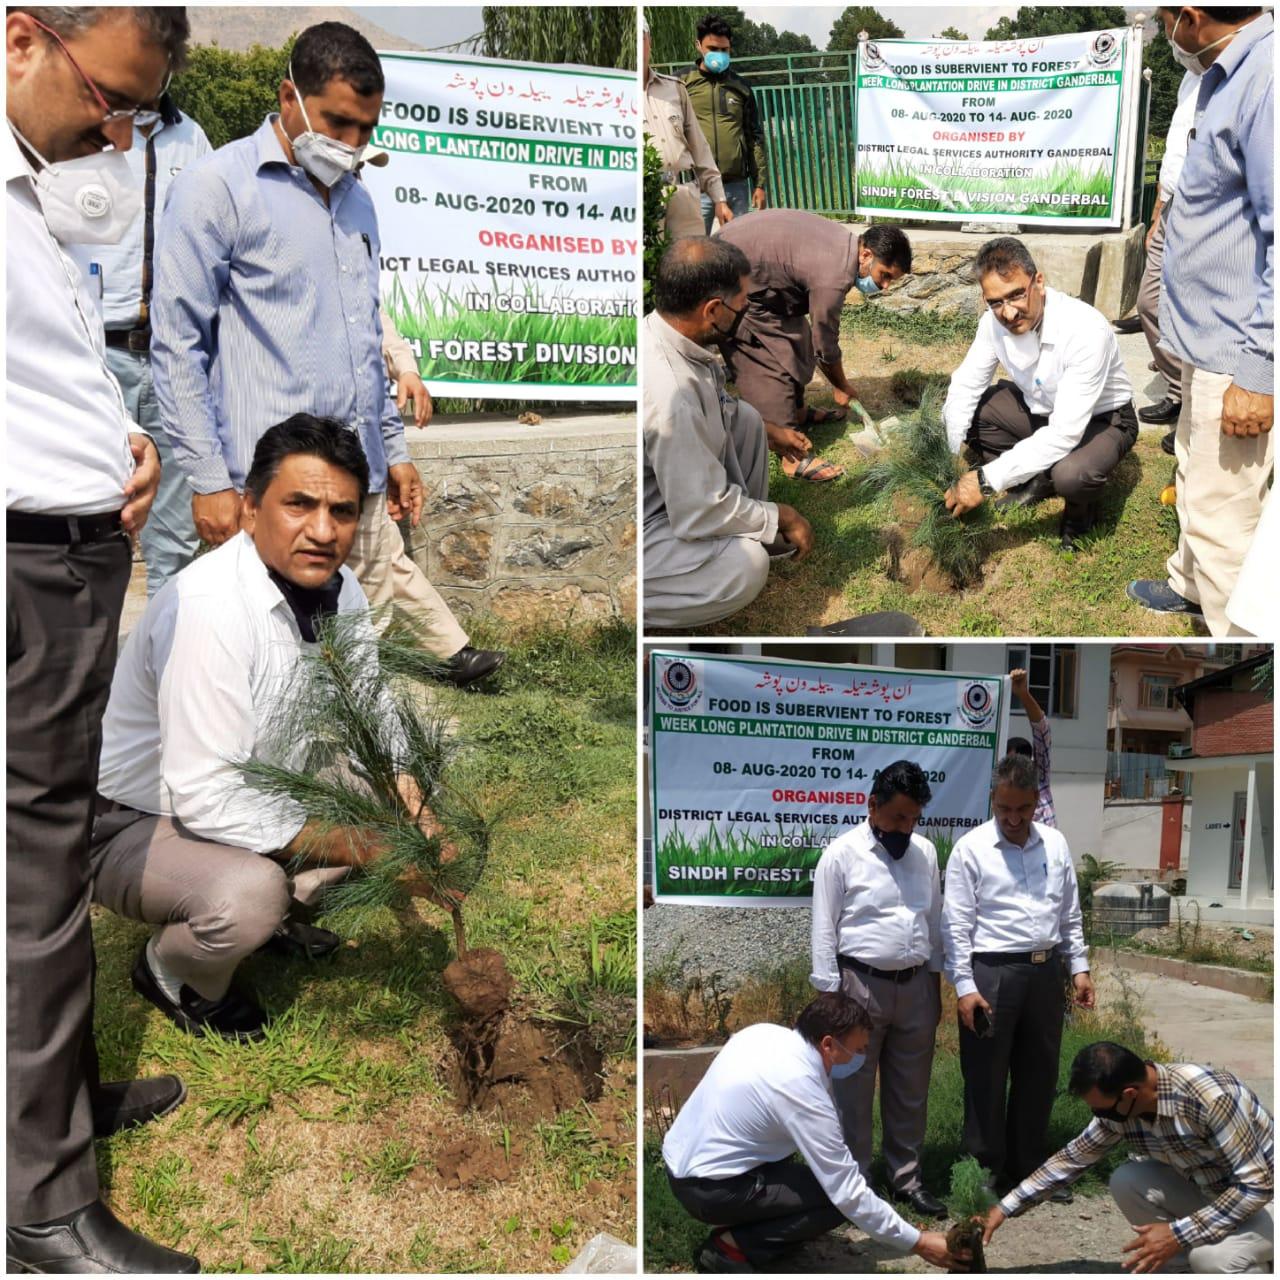 जिला विधिक सेवा प्राधिकरण गांदरबल ने गांदरबल में वृक्षारोपण अभियान शुरू किया